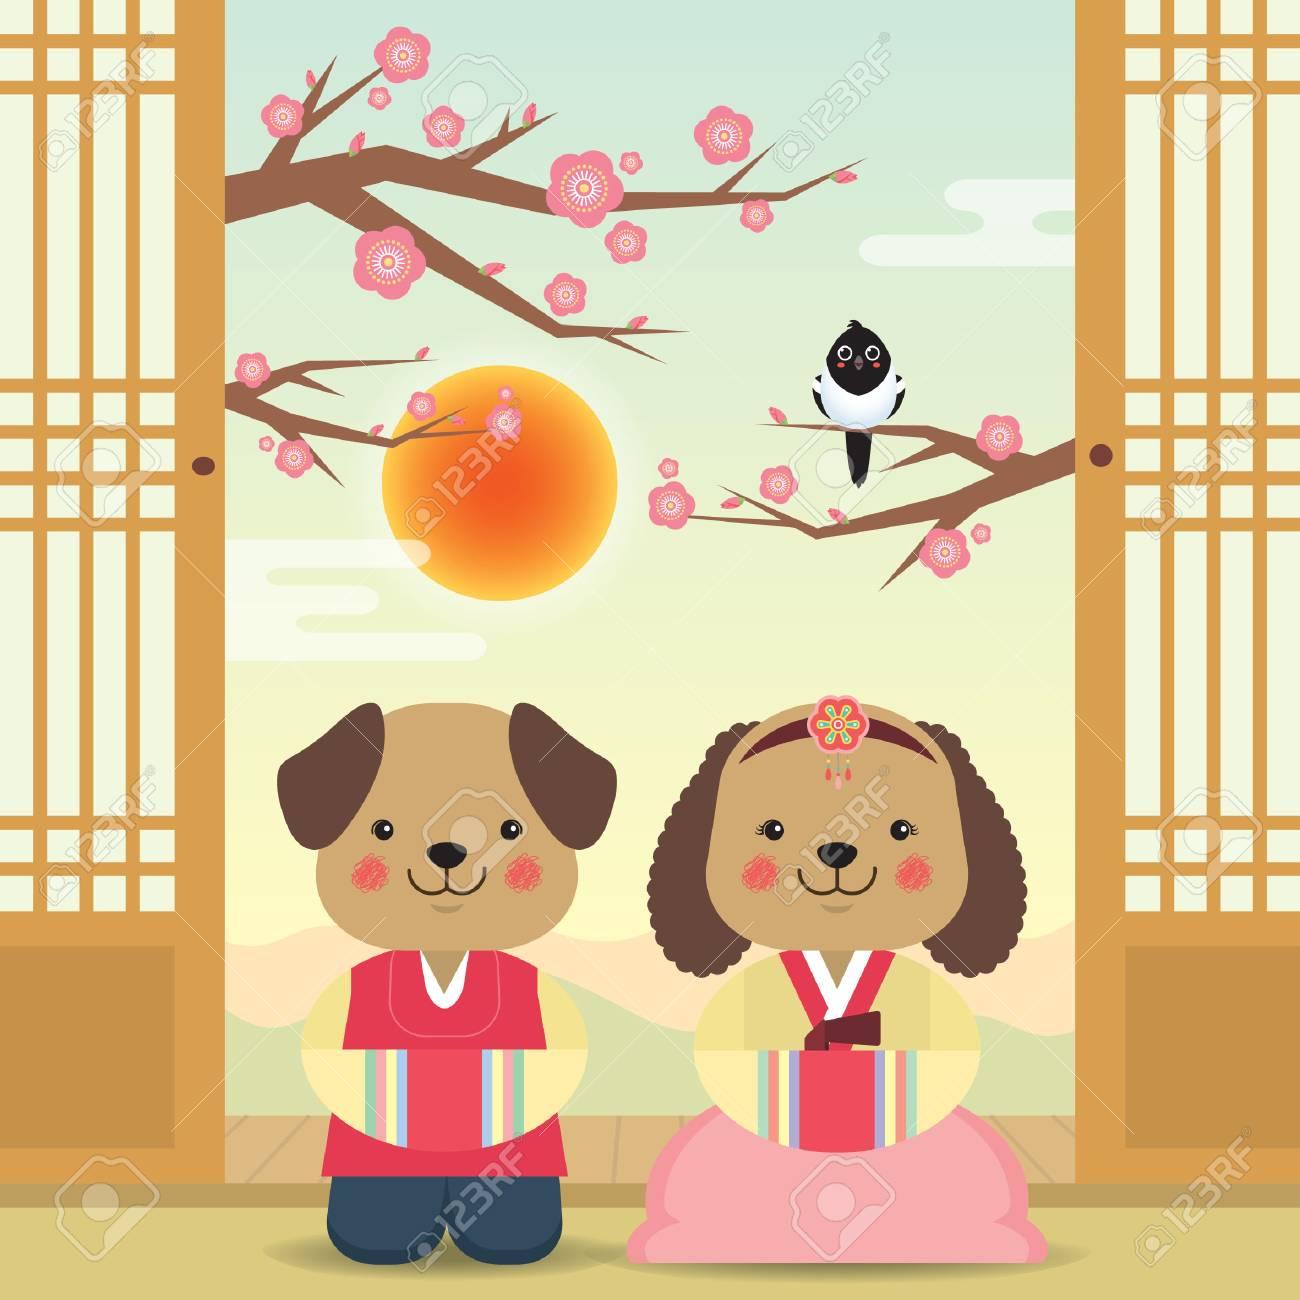 韓国の新年か阴历挨拶テンプレート桜並木とカササギ韓国衣装を着て